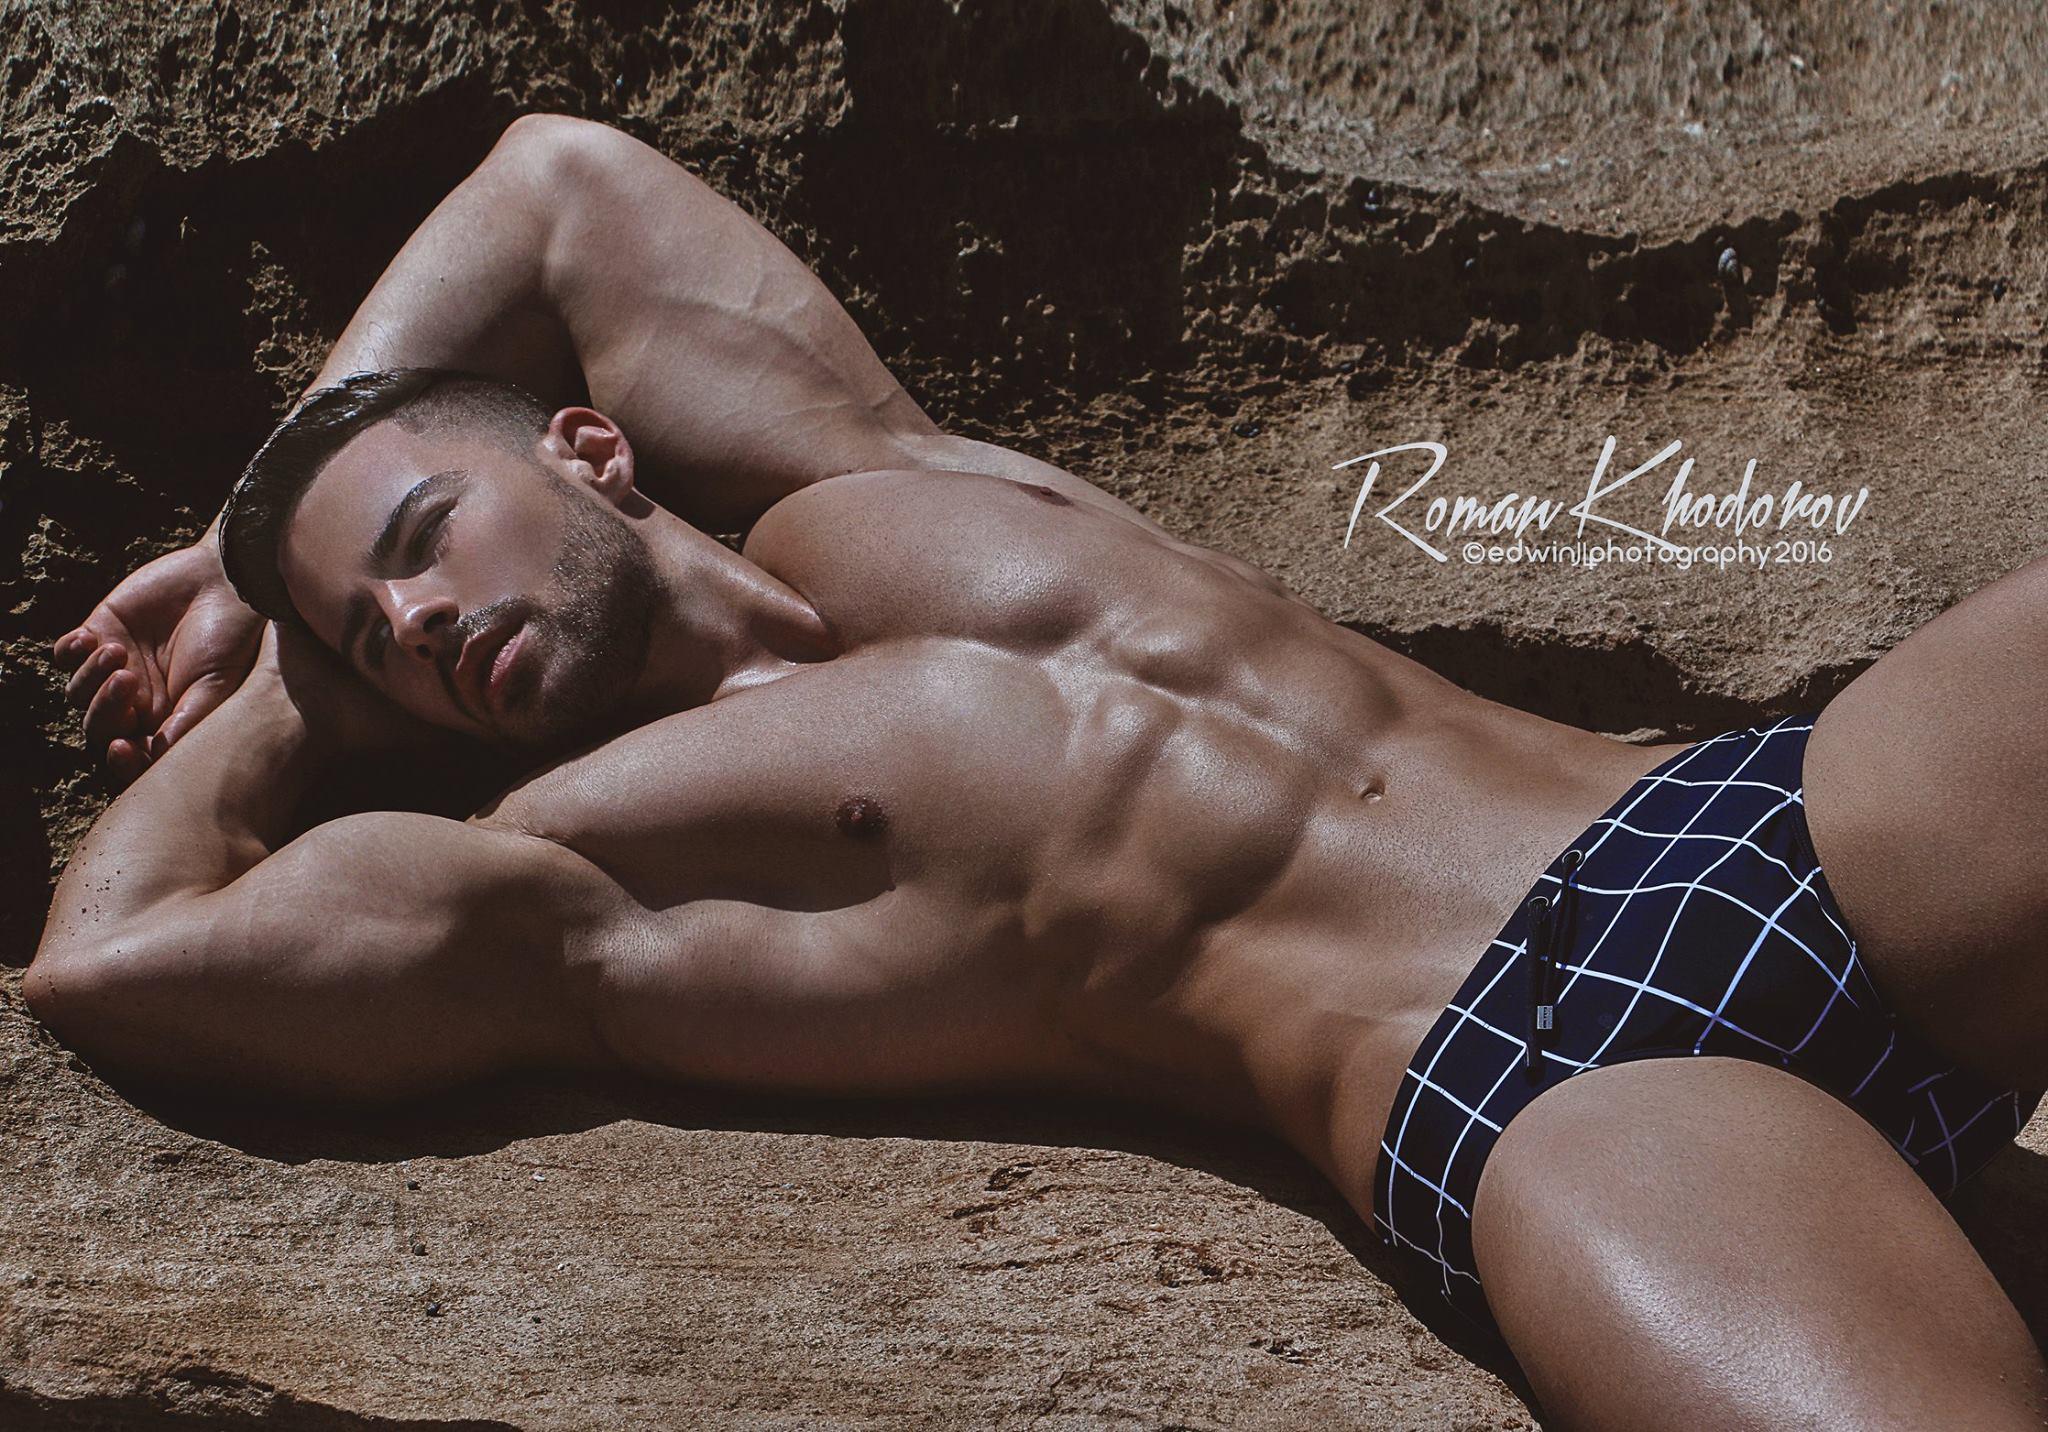 Roman Khodorov by Edwin Lebron